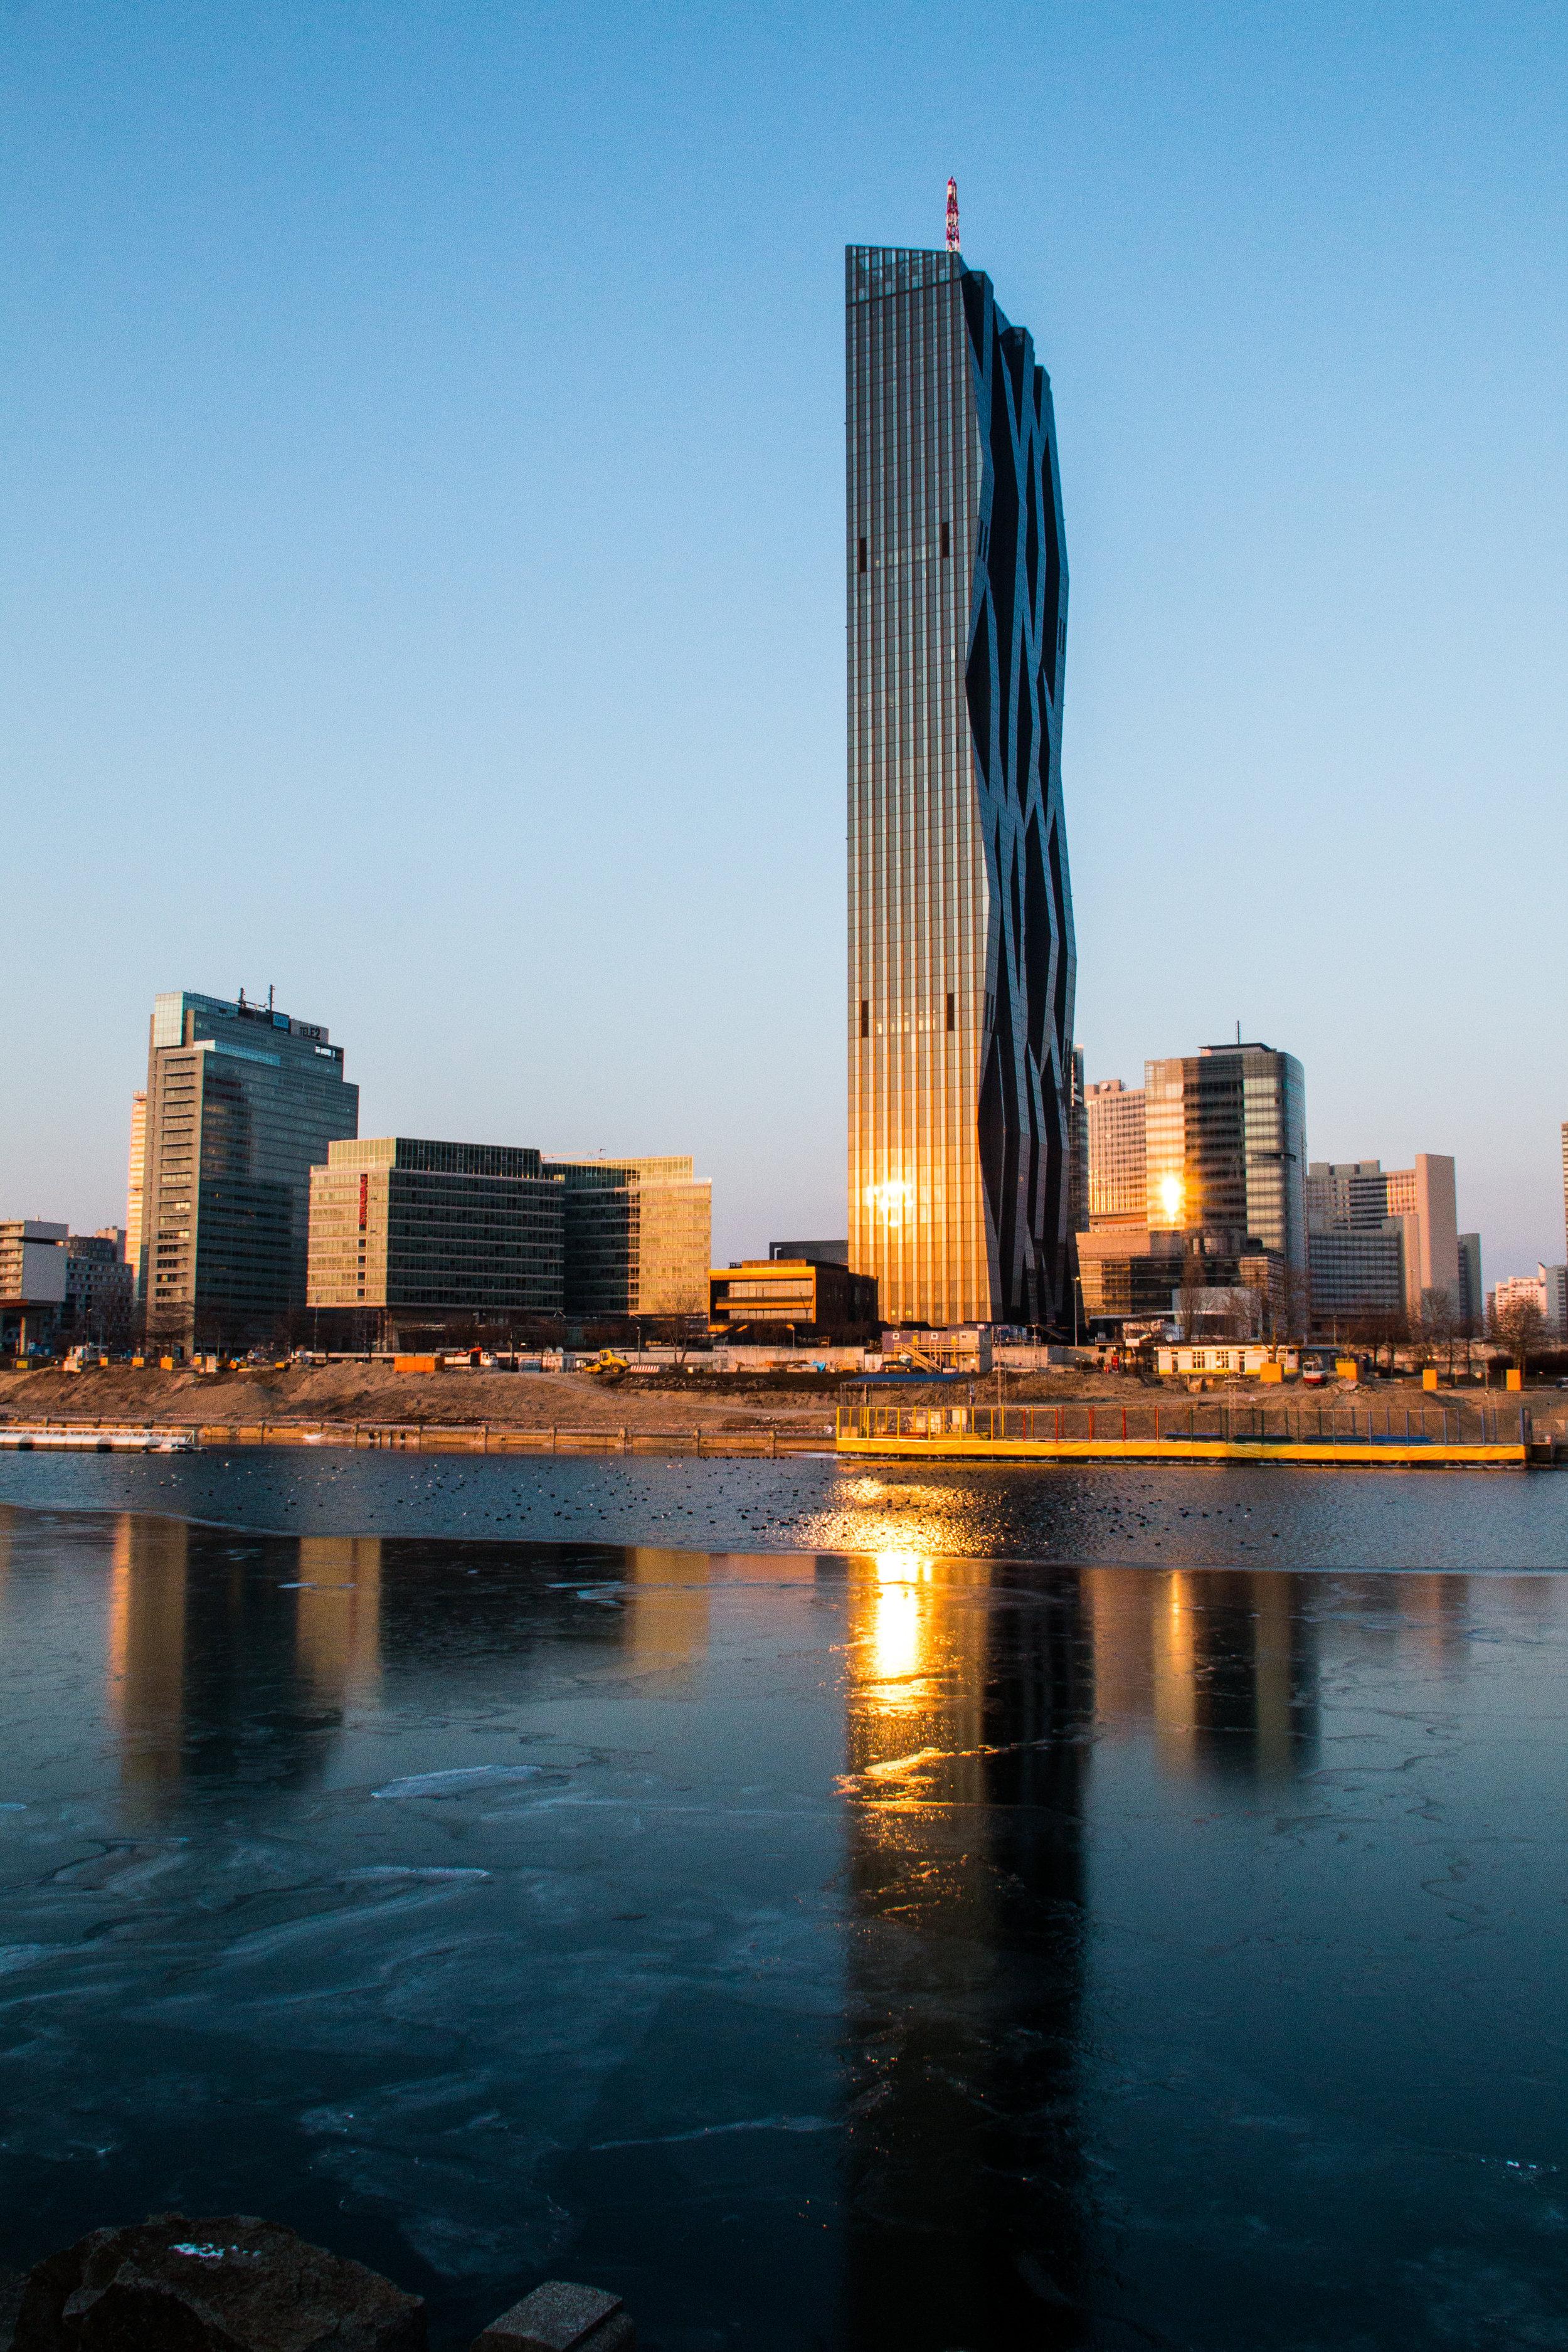 1220 Wien - Donau City   EOS 70D - F/13 - 1/250 Sek - ISO 640 - 18mm